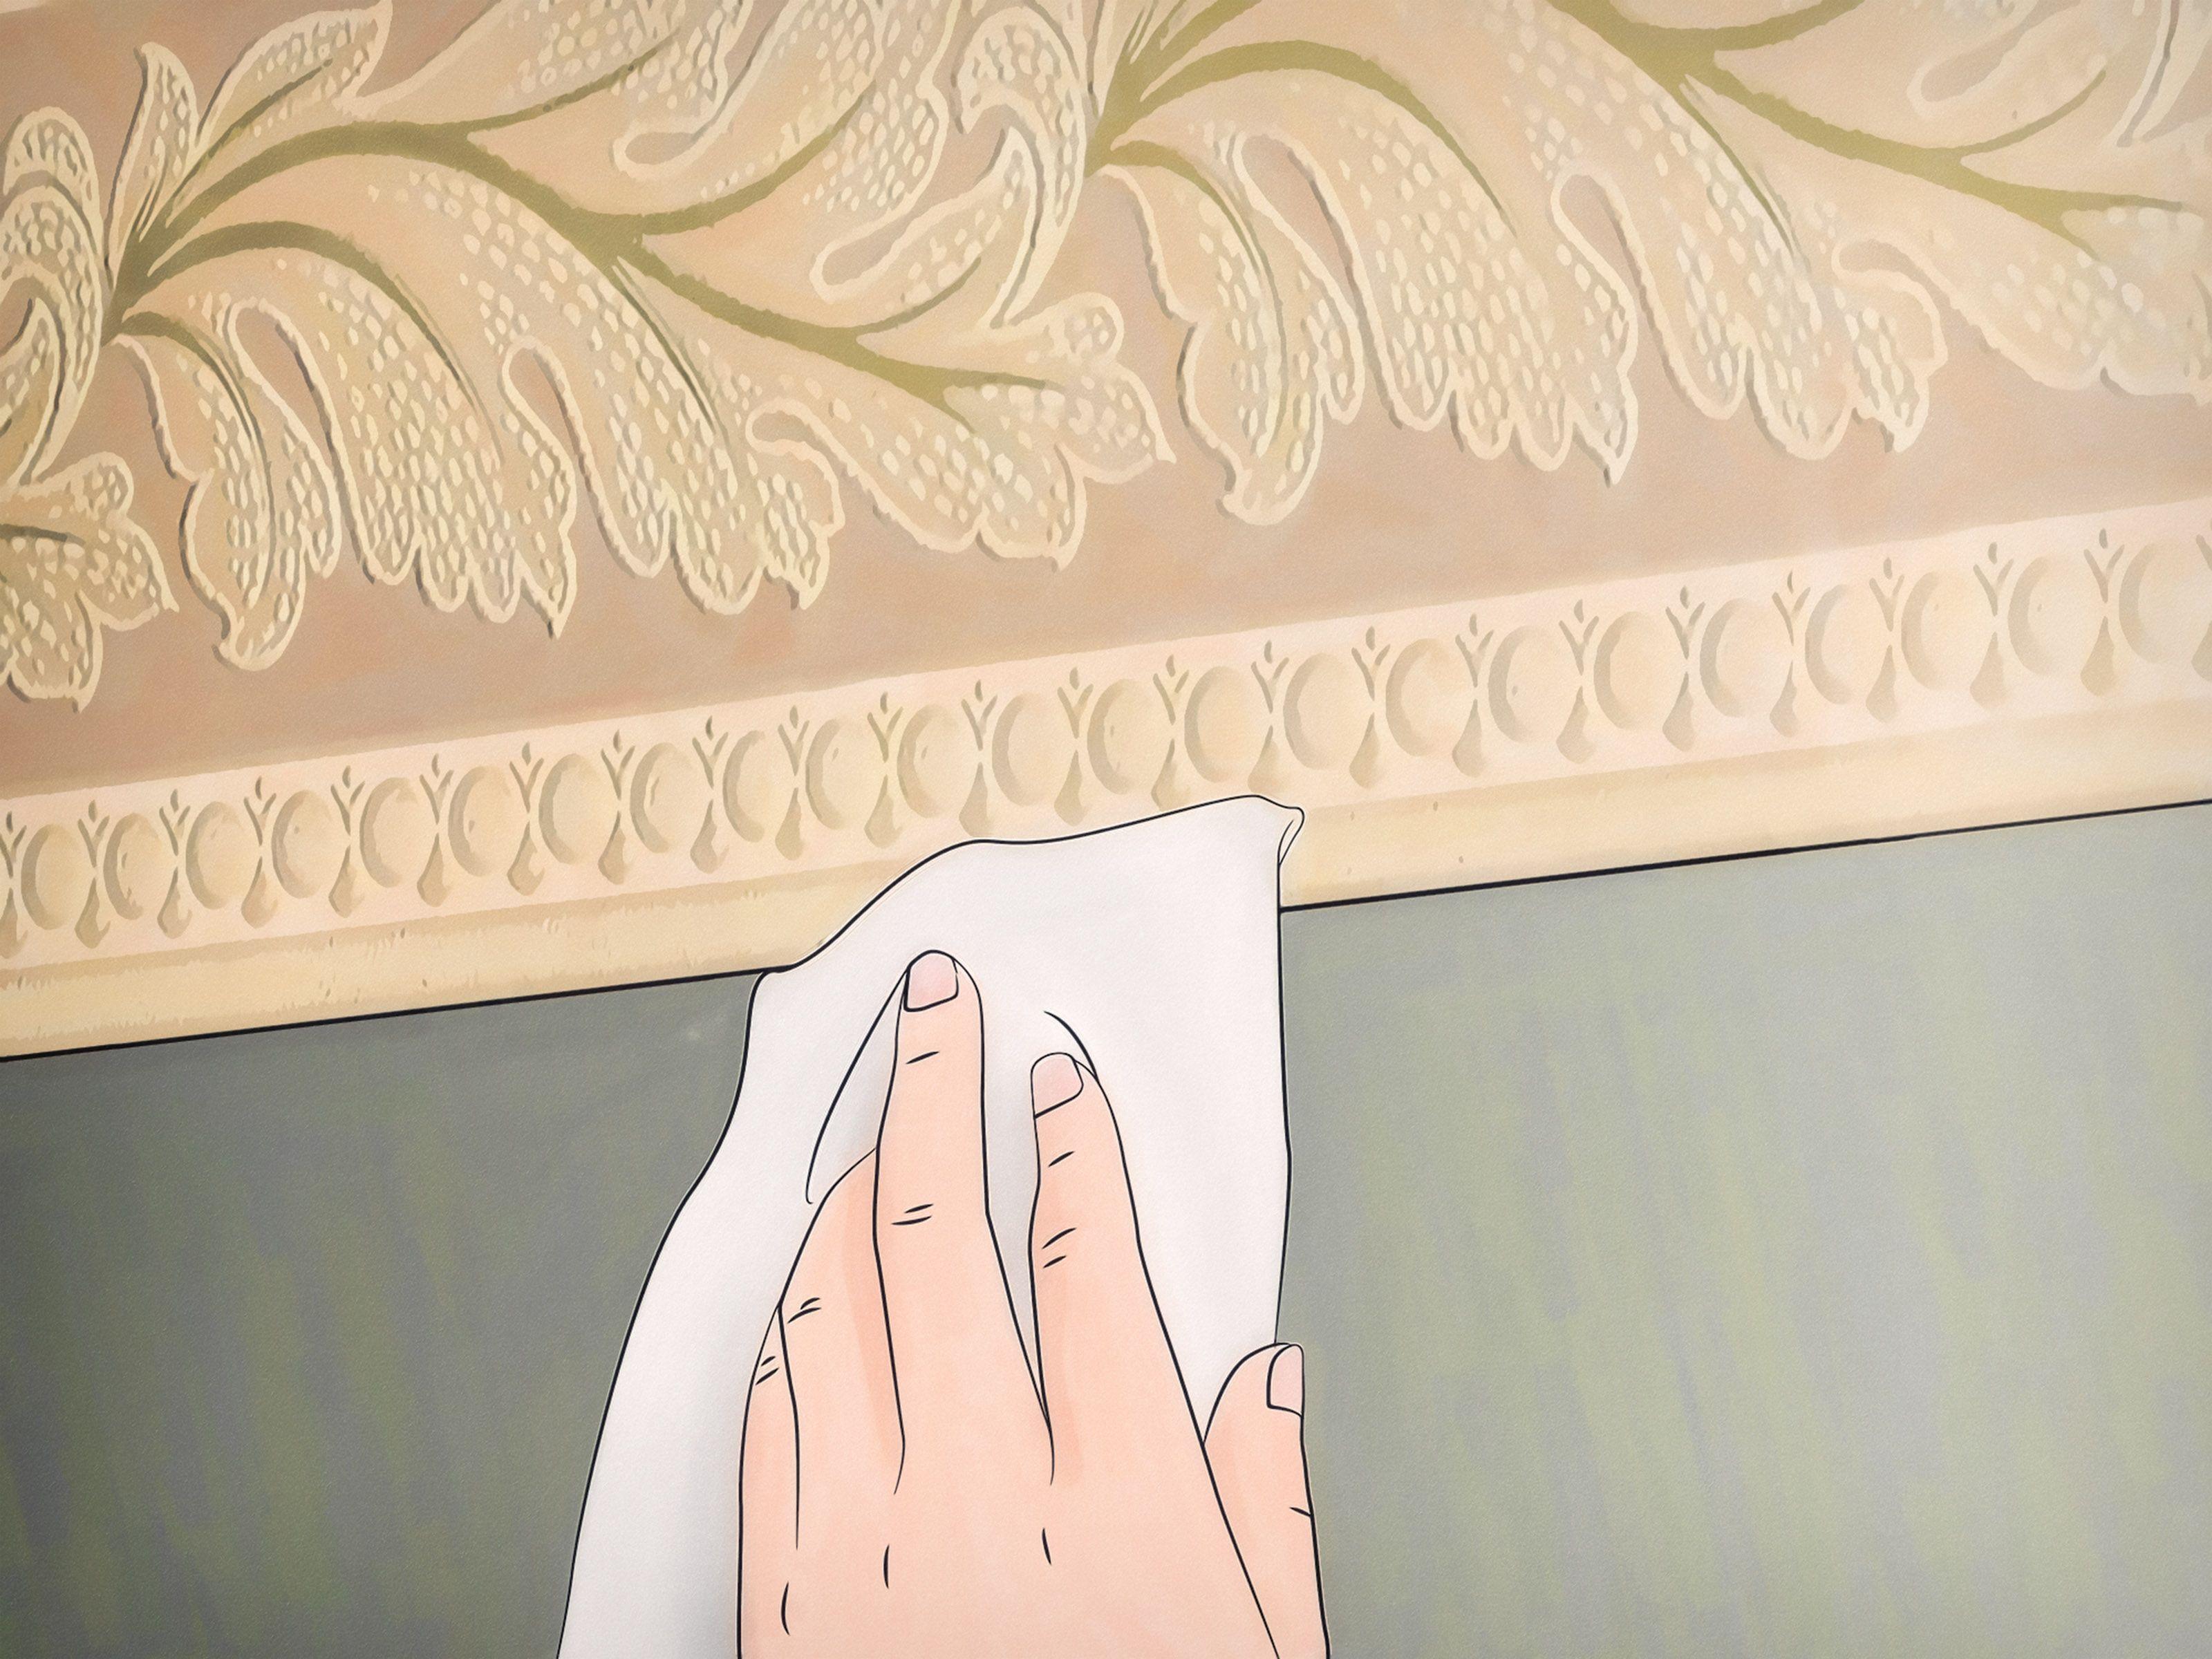 5 Best Of Bedroom Wallpaper Borders in 2020 Unique